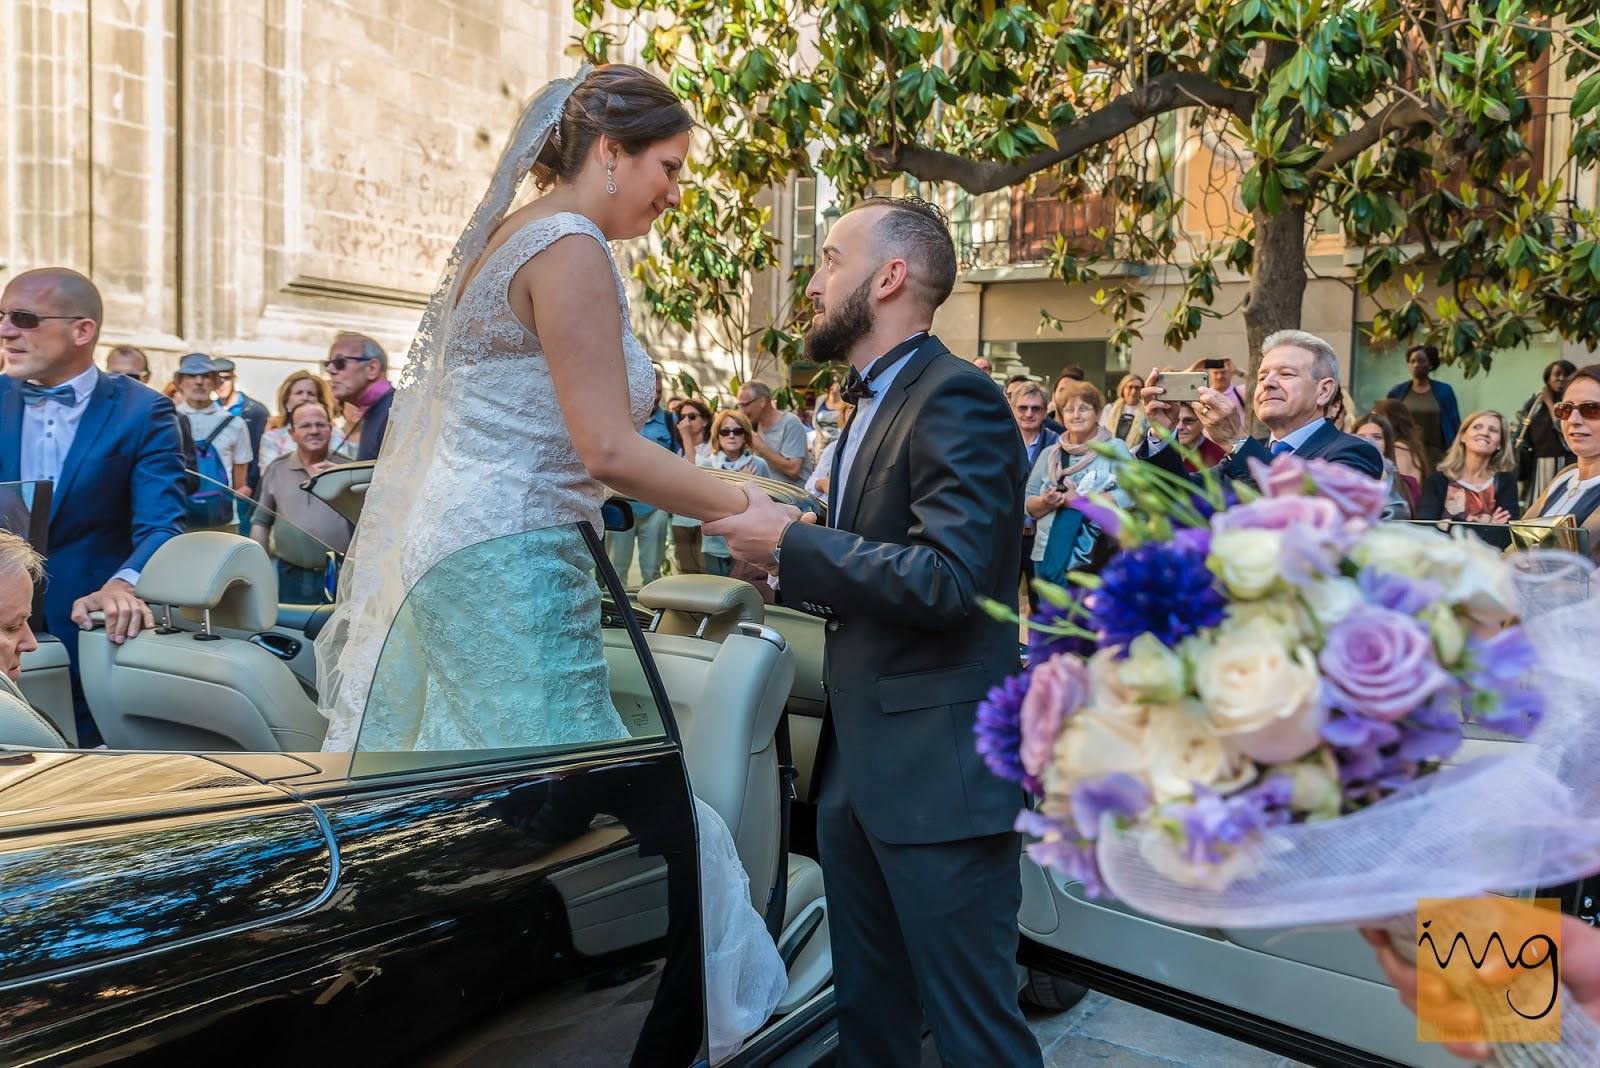 Fotografía del novio ayudando a la novia a salir del coche